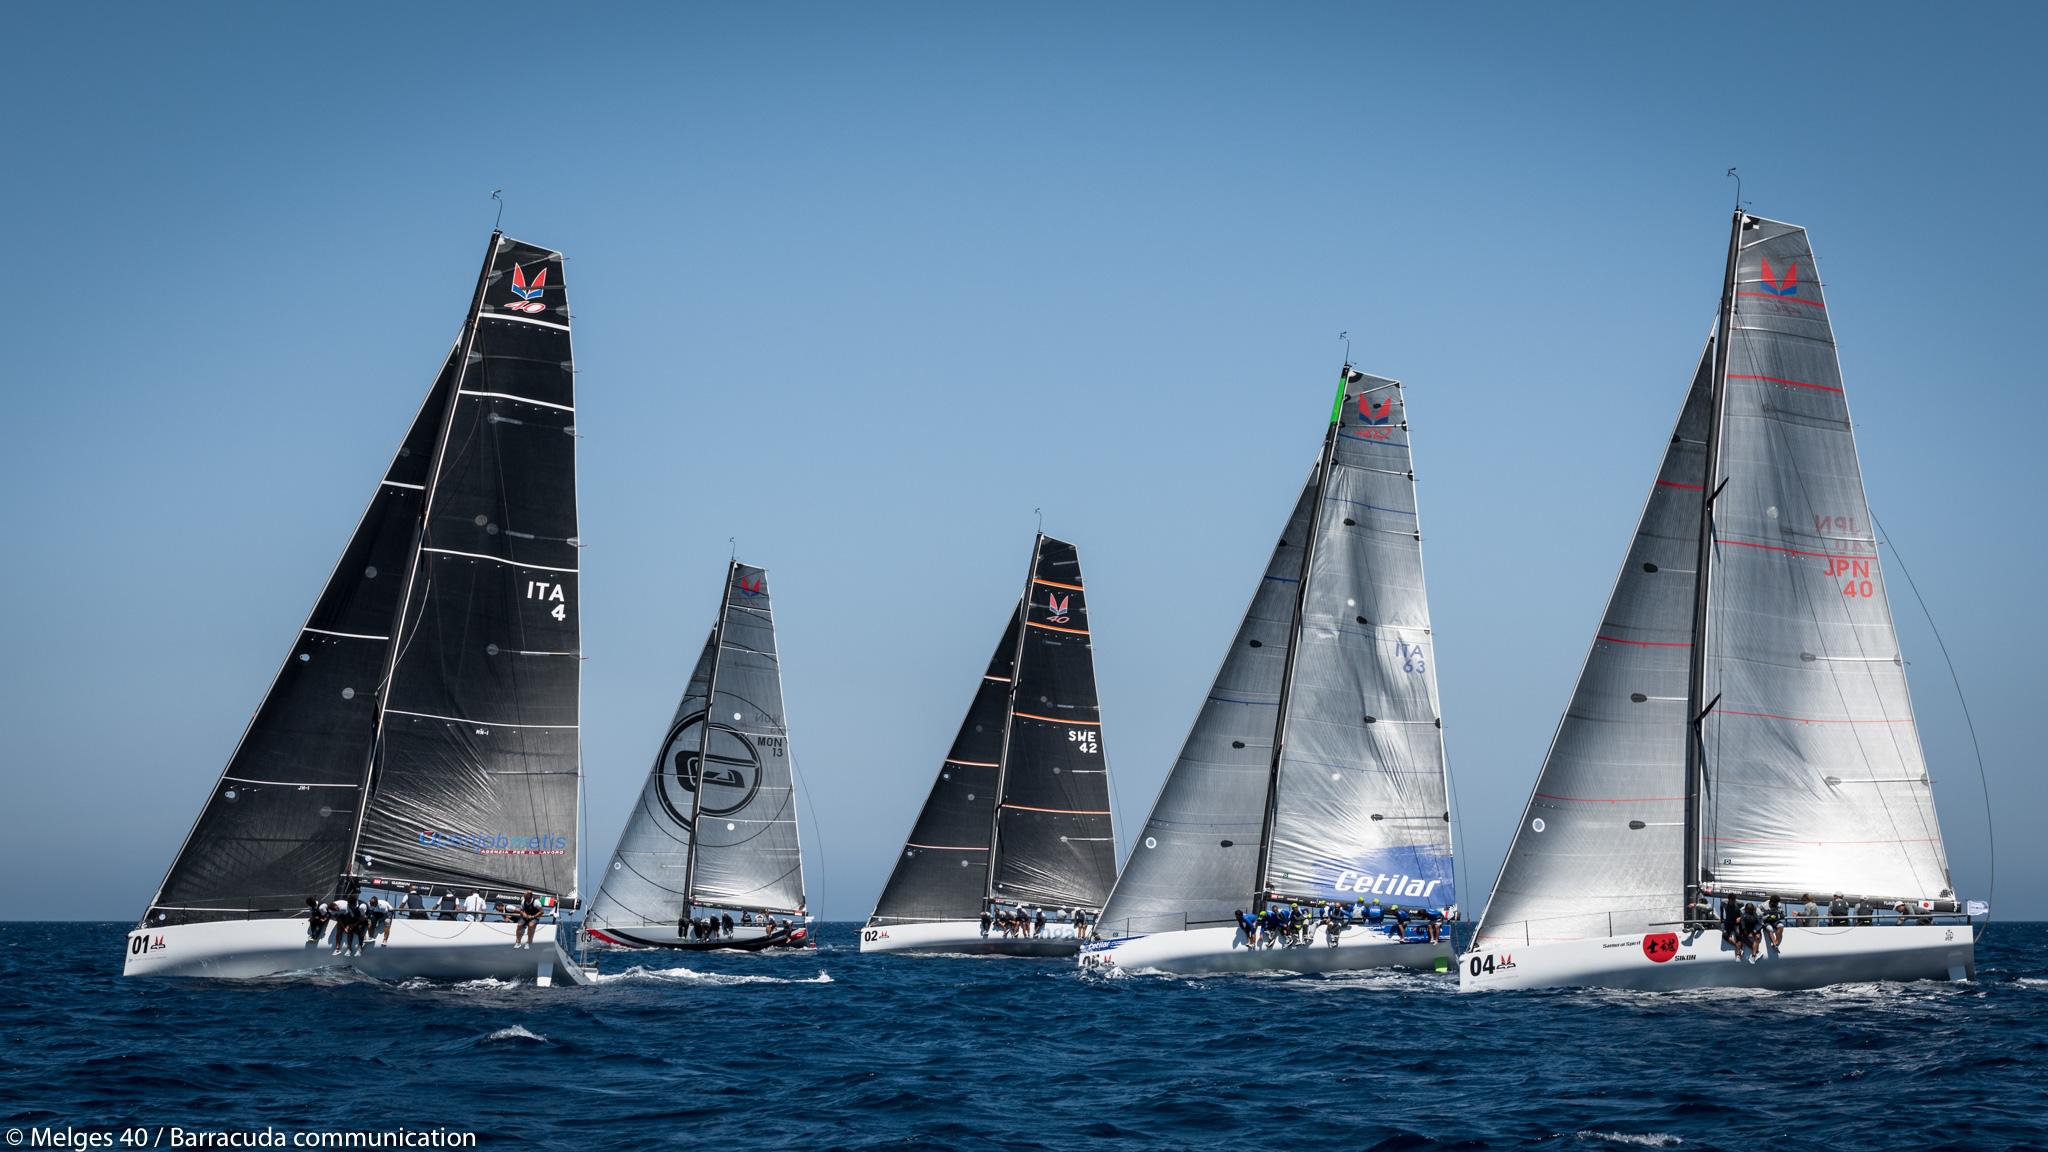 2018 One Ocean Melges 40 Grand Prix, Porto Cervo